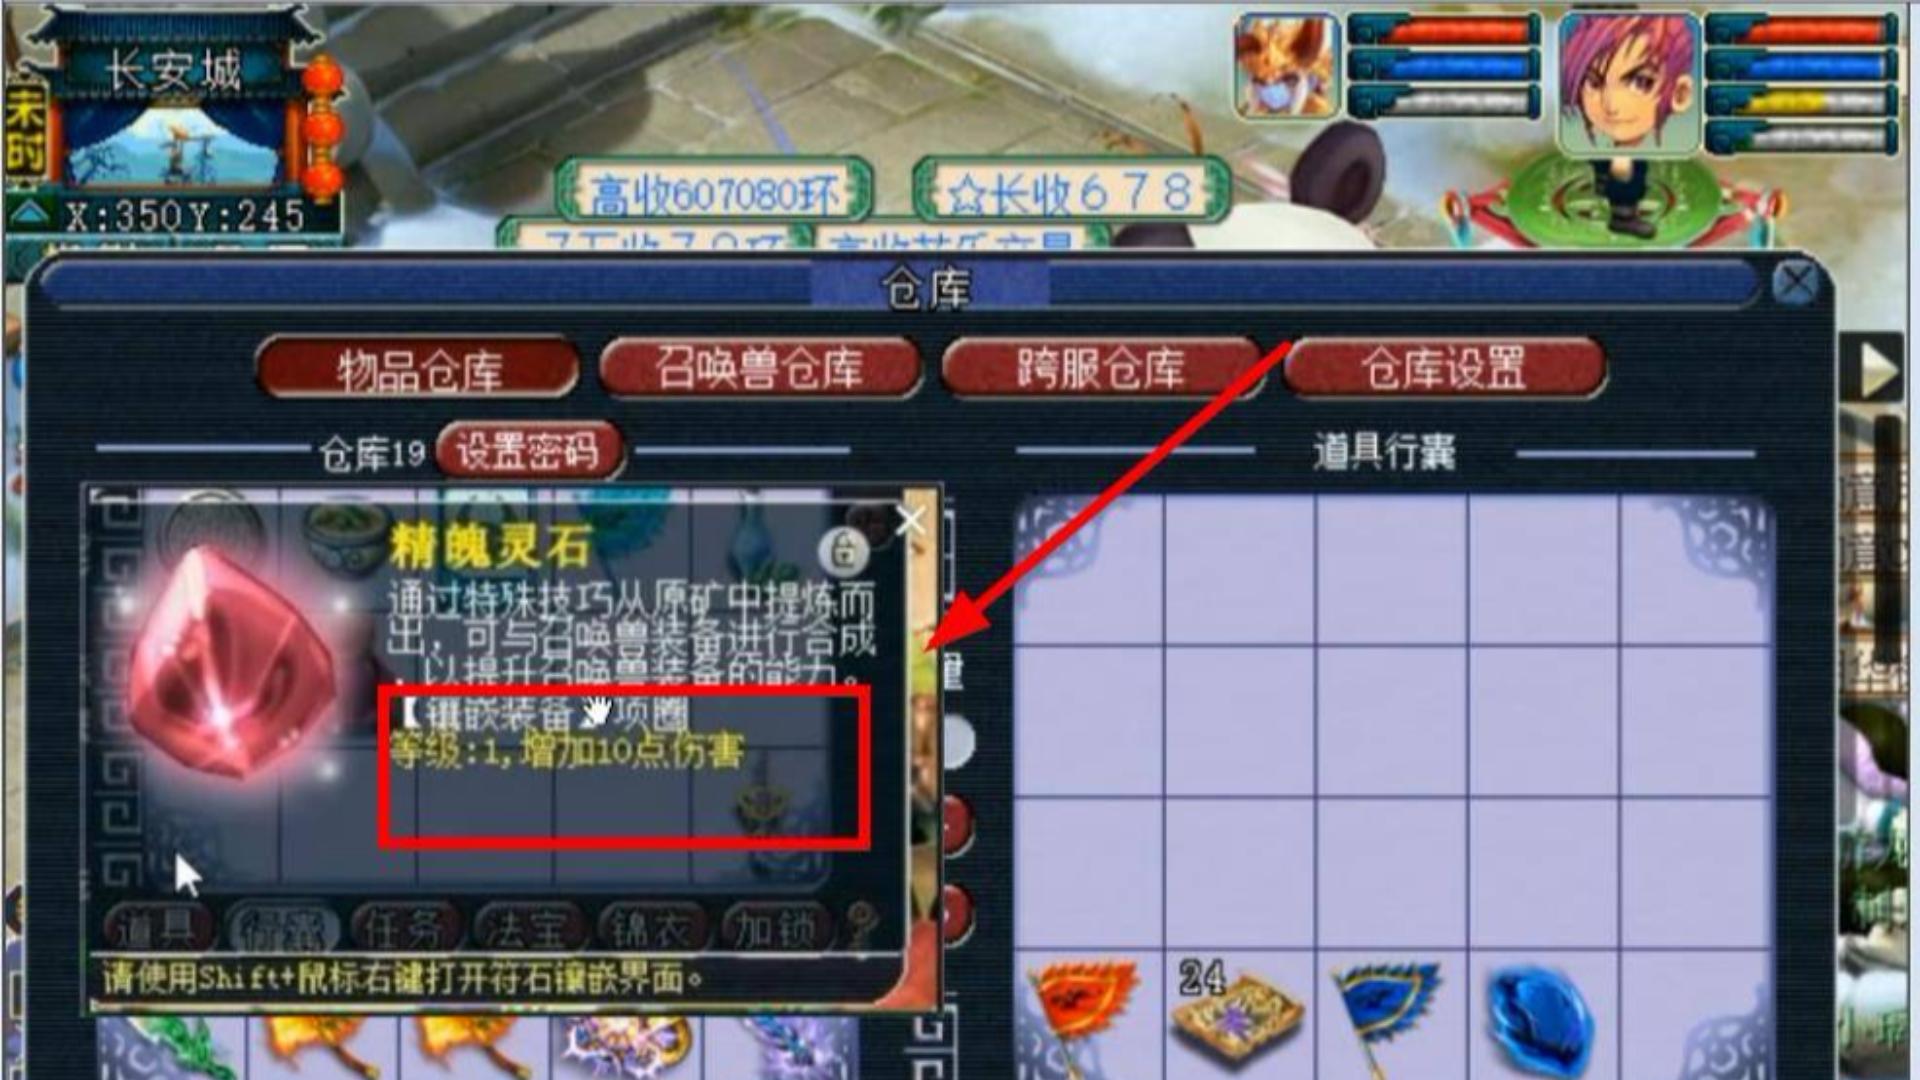 梦幻西游:看山哥收到绝版精魄灵石,还没等到老王展示就被修改了